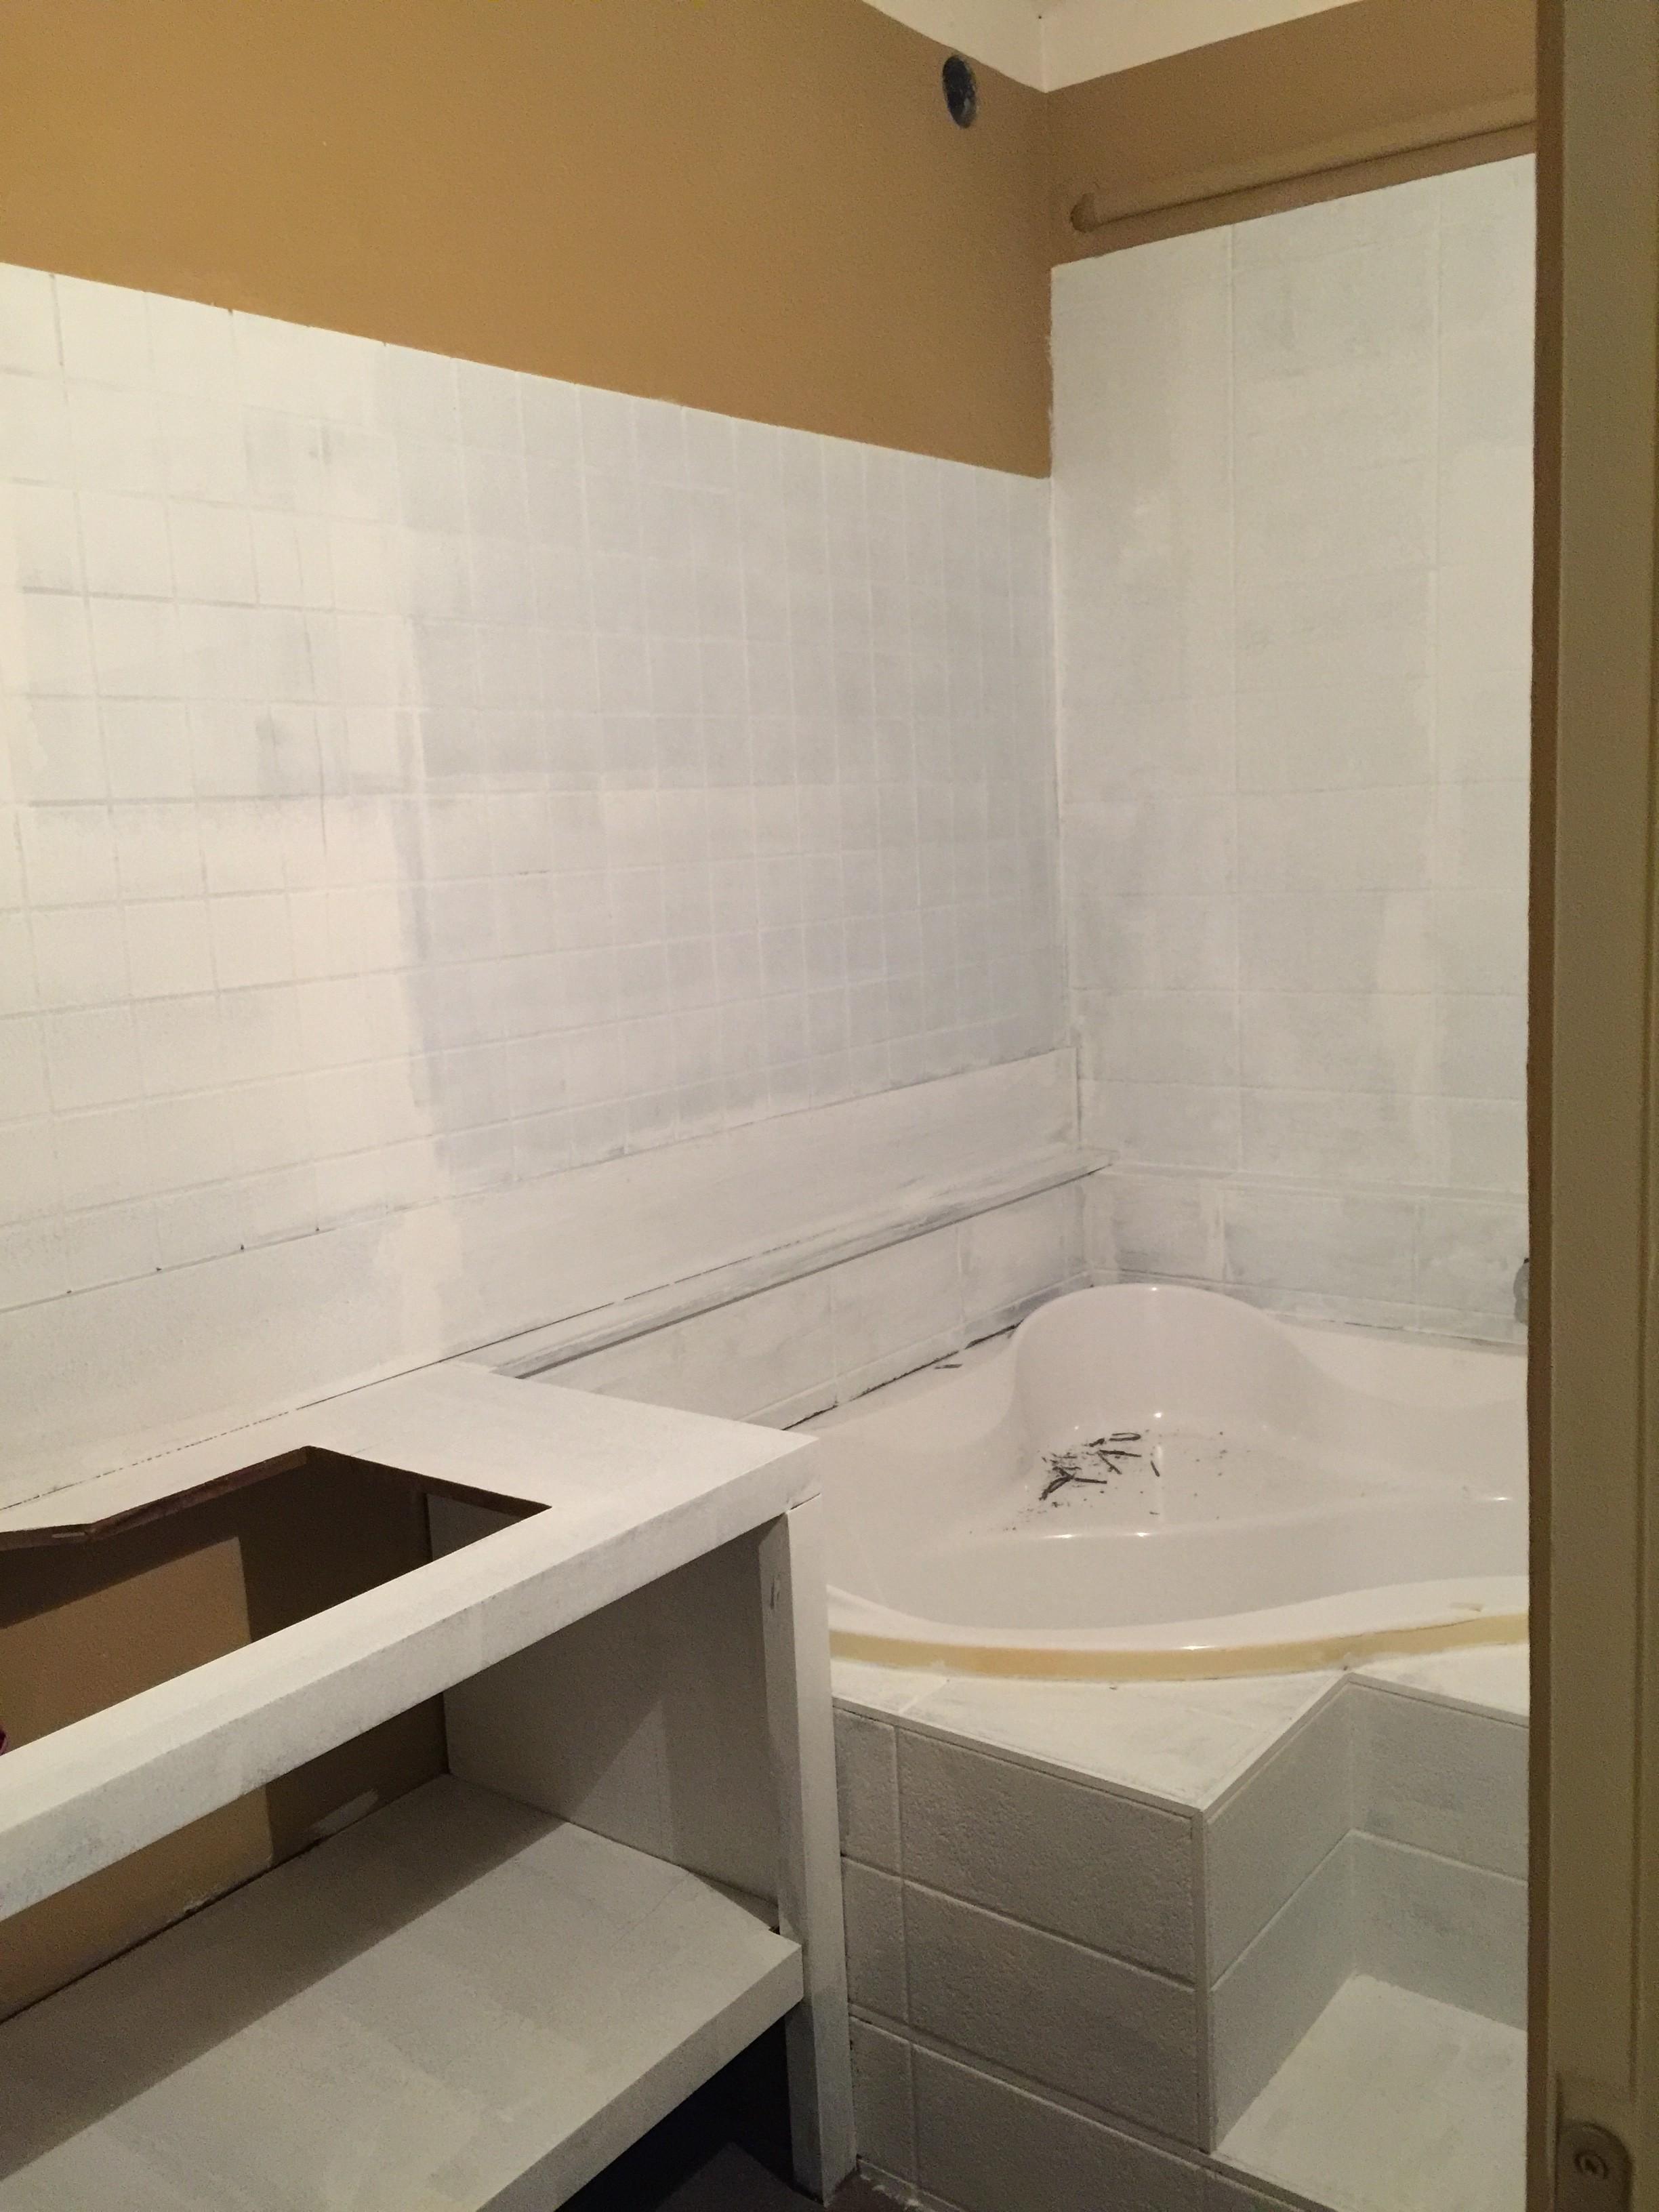 Fürdőszoba felújítás bontás nélkül  Kicsi Ház